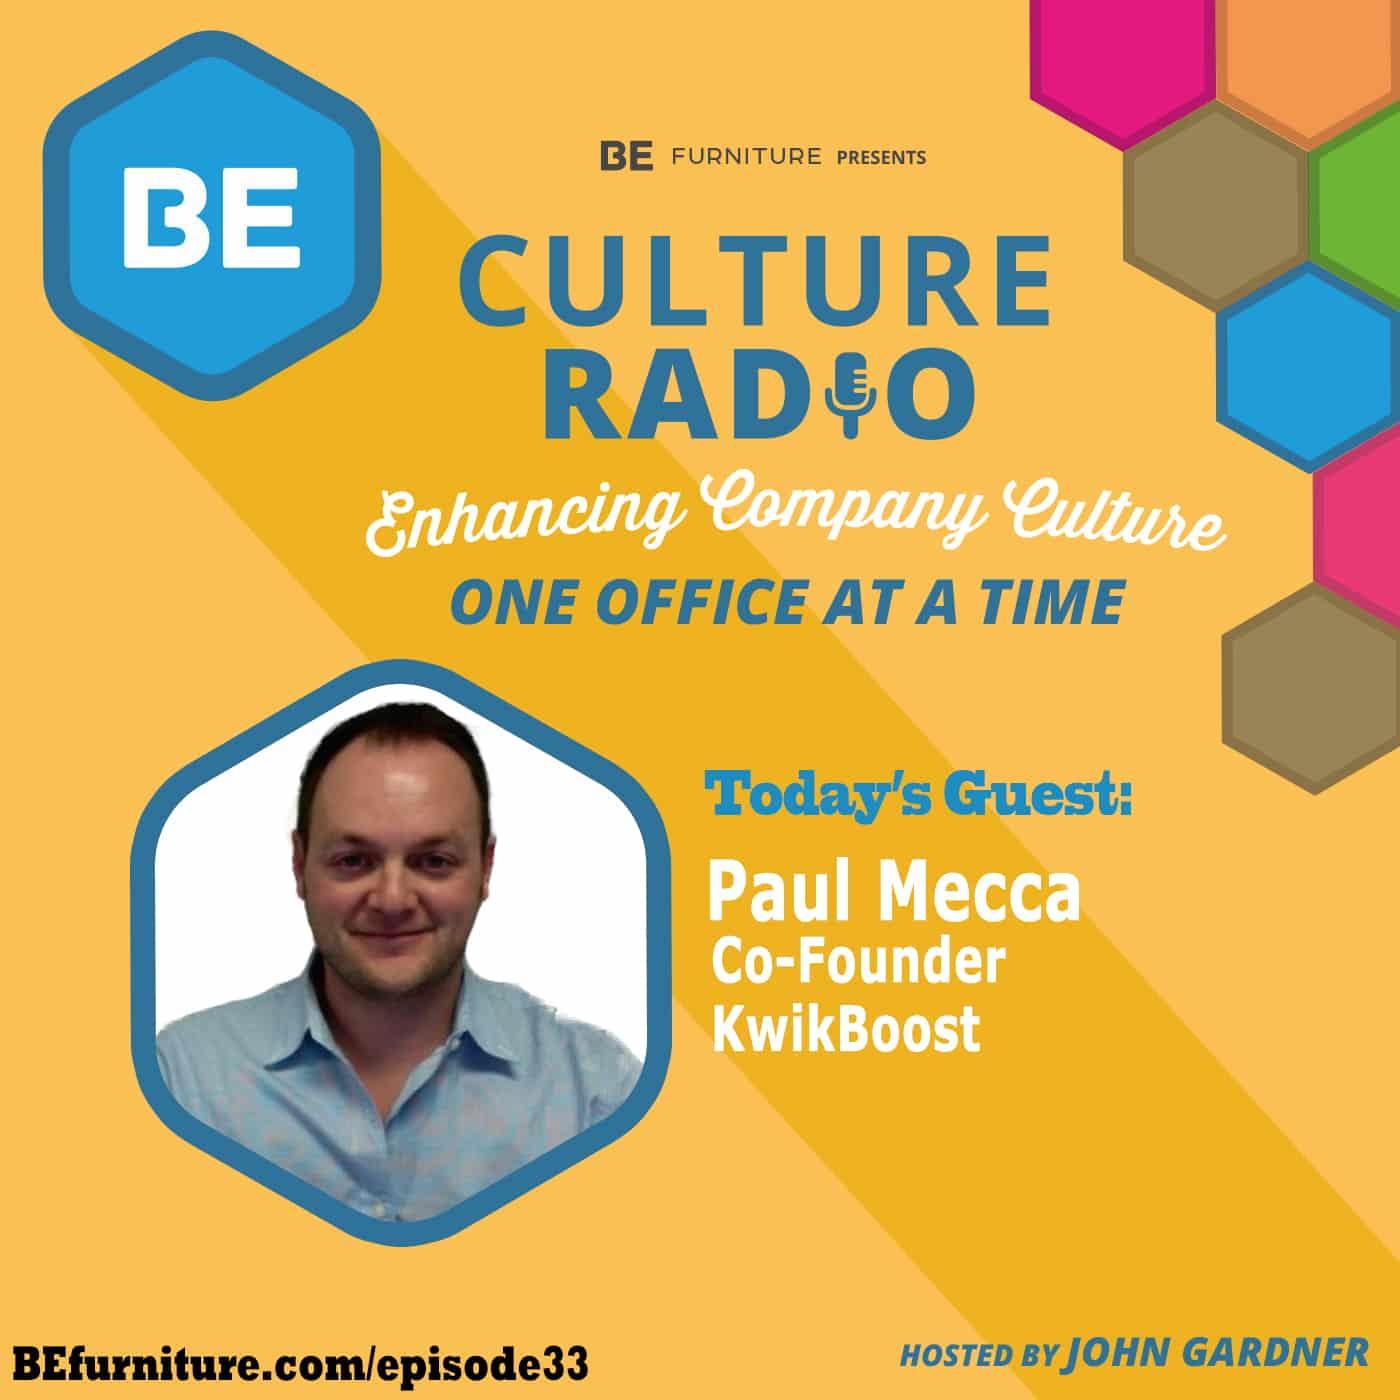 Paul Mecca - Co-Founder, KwikBoost